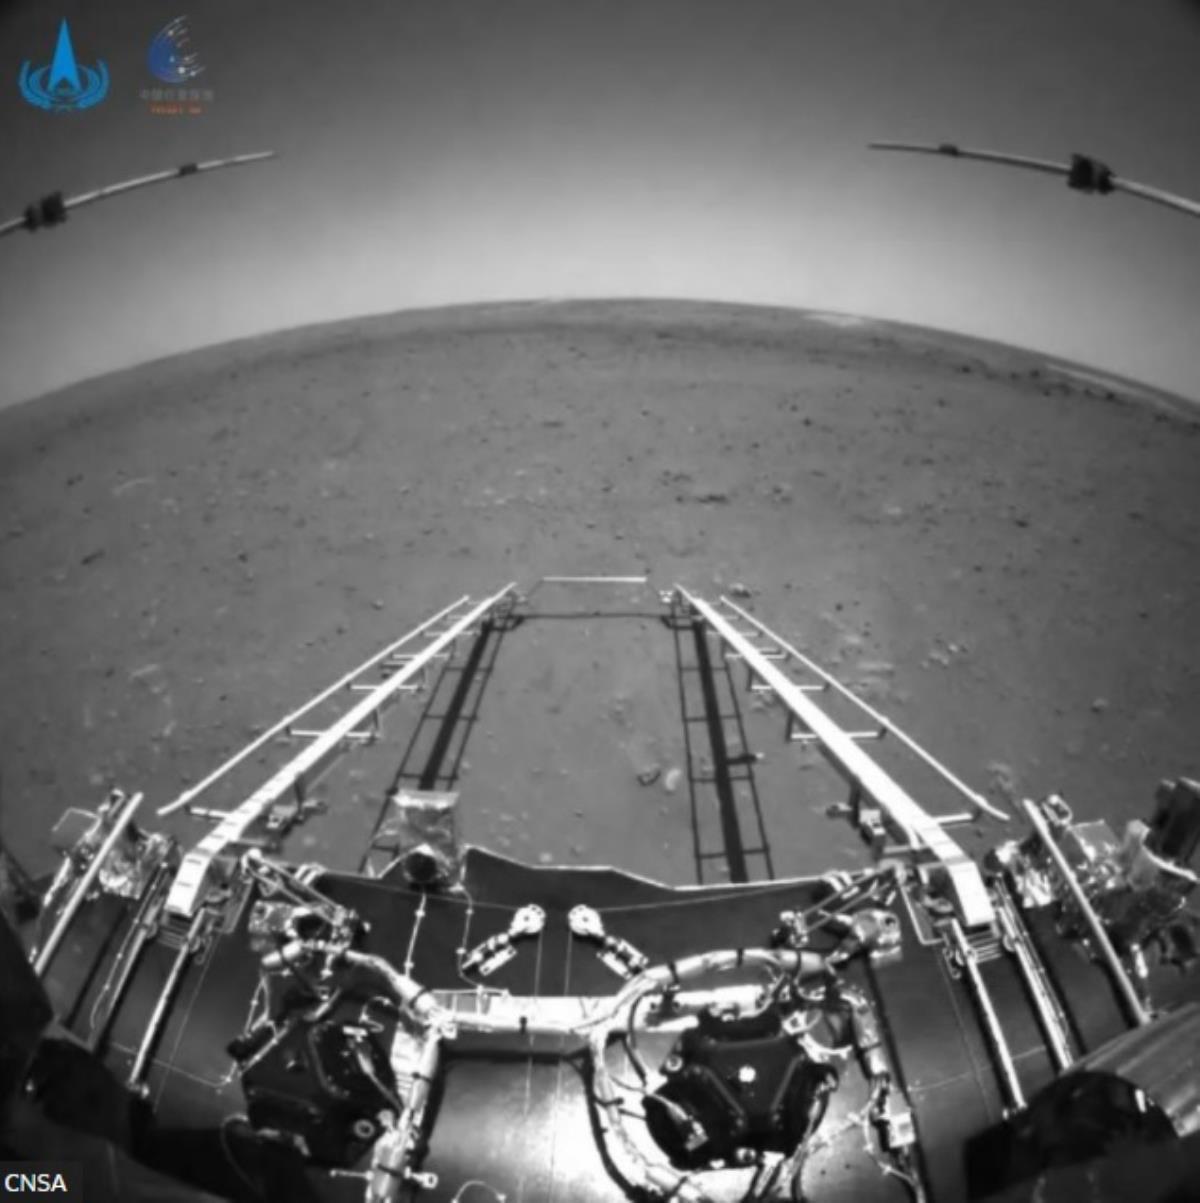 Uzay yarışı başladı! Çinliler gözlerini Mars'a dikmişti: İşte Kızıl Gezegen'den ilk görüntü